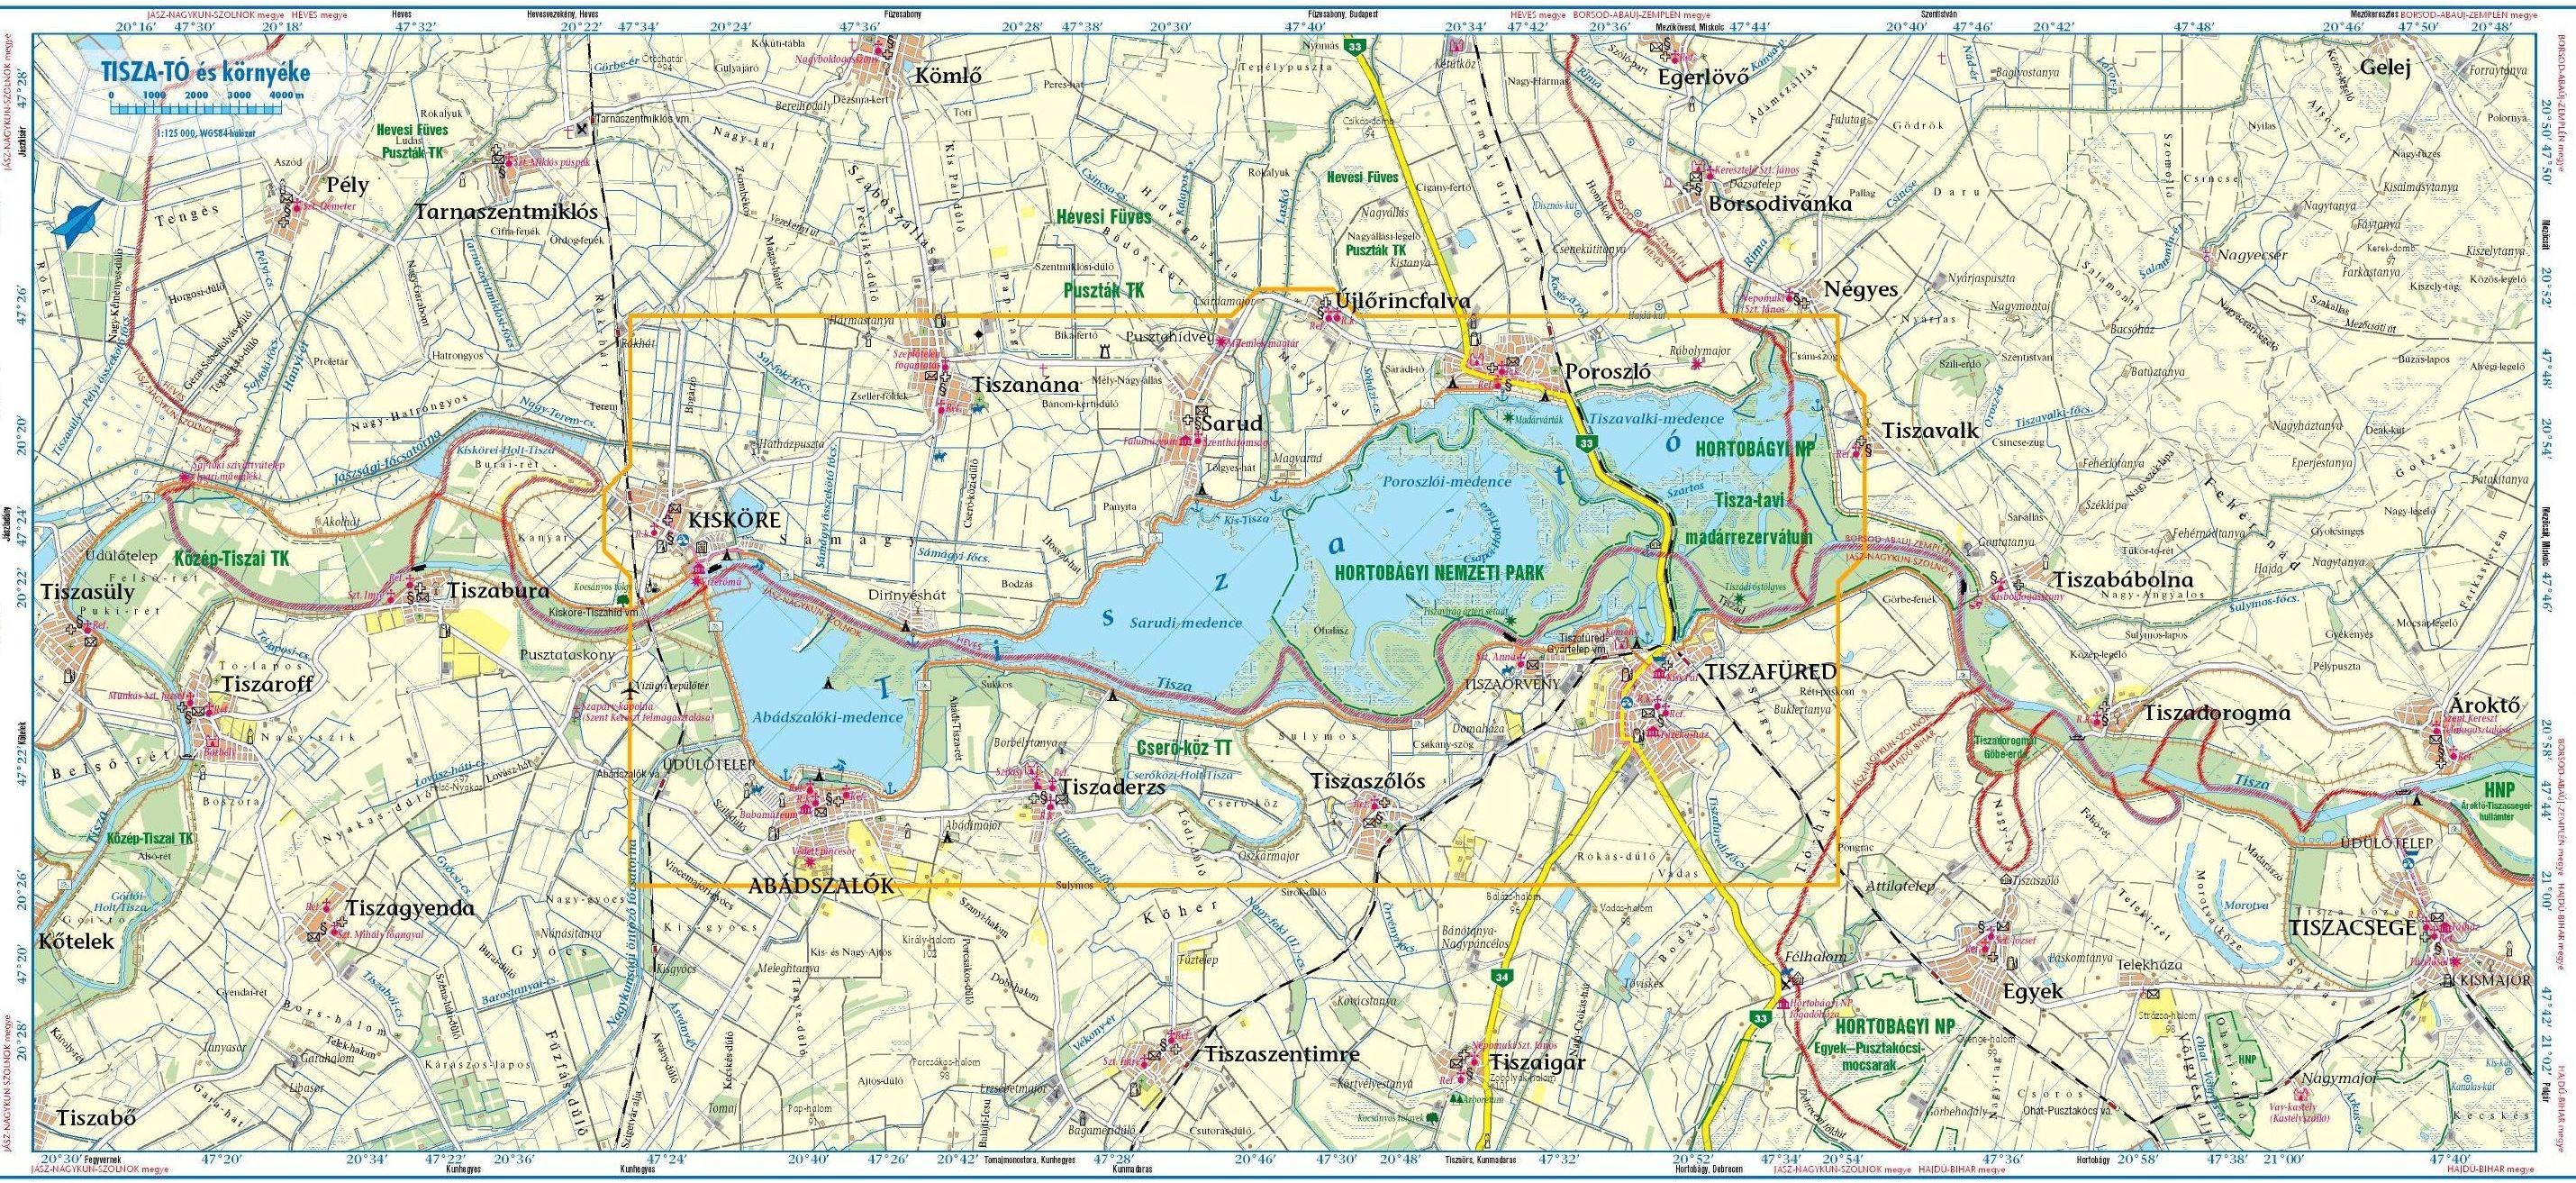 magyarország tisza tó térkép Tourinform | Tiszacsege magyarország tisza tó térkép